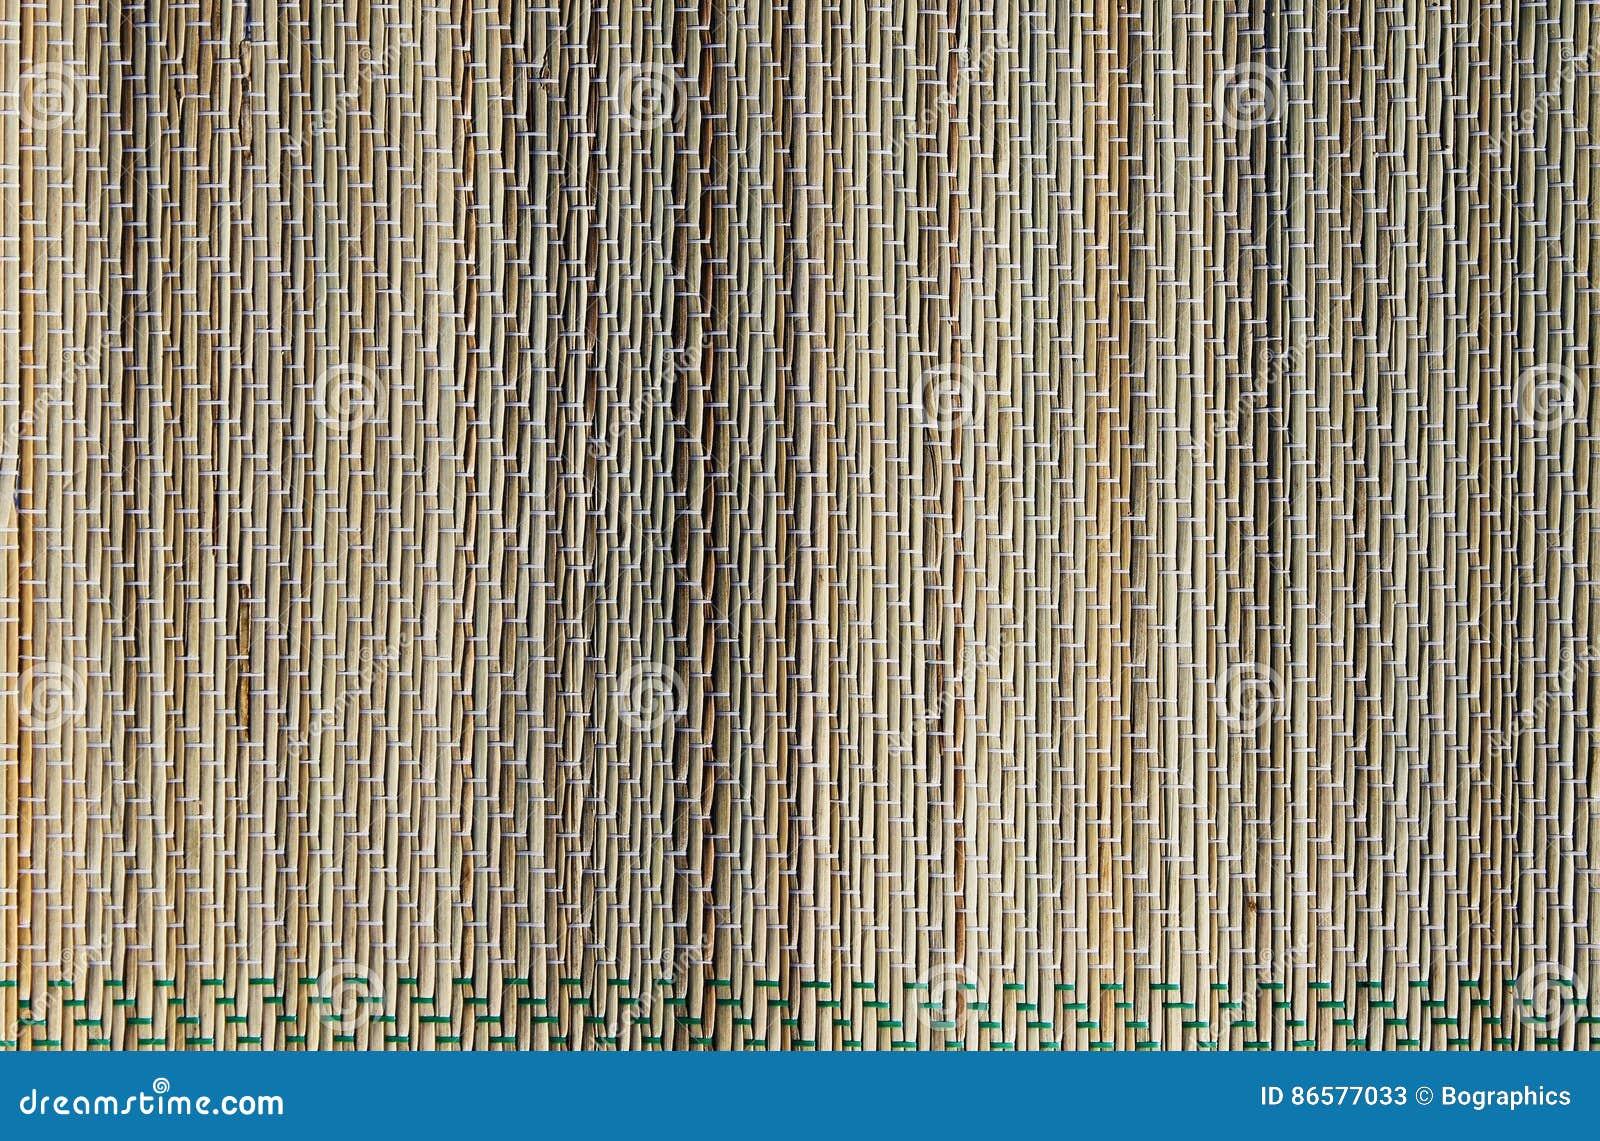 Tappeti In Tessuto Naturale : Struttura naturale del tappeto del tessuto della stuoia immagine